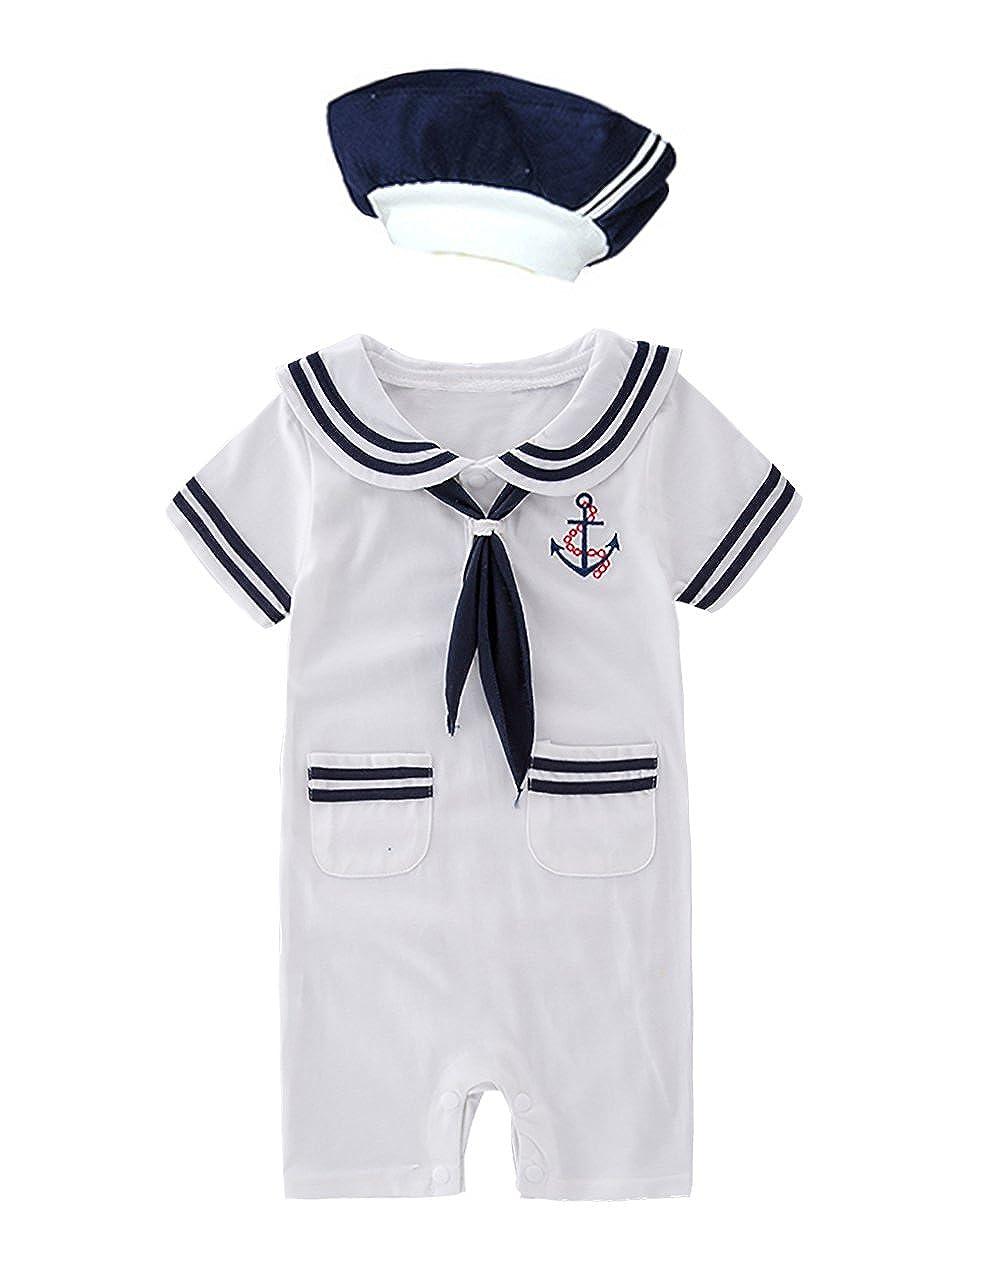 100%安い XM Romper Nyan Mayの赤ちゃん幼児用男の子Sailor Stripe Romper 6 MarineネイビーロンパースワンジーOutfit B07D7T1T59 ホワイトB 3 XM - 6 Months 3 - 6 Months|ホワイトB, コンクリート(魂琥李斗):05389283 --- martinemoeykens-com.access.secure-ssl-servers.info